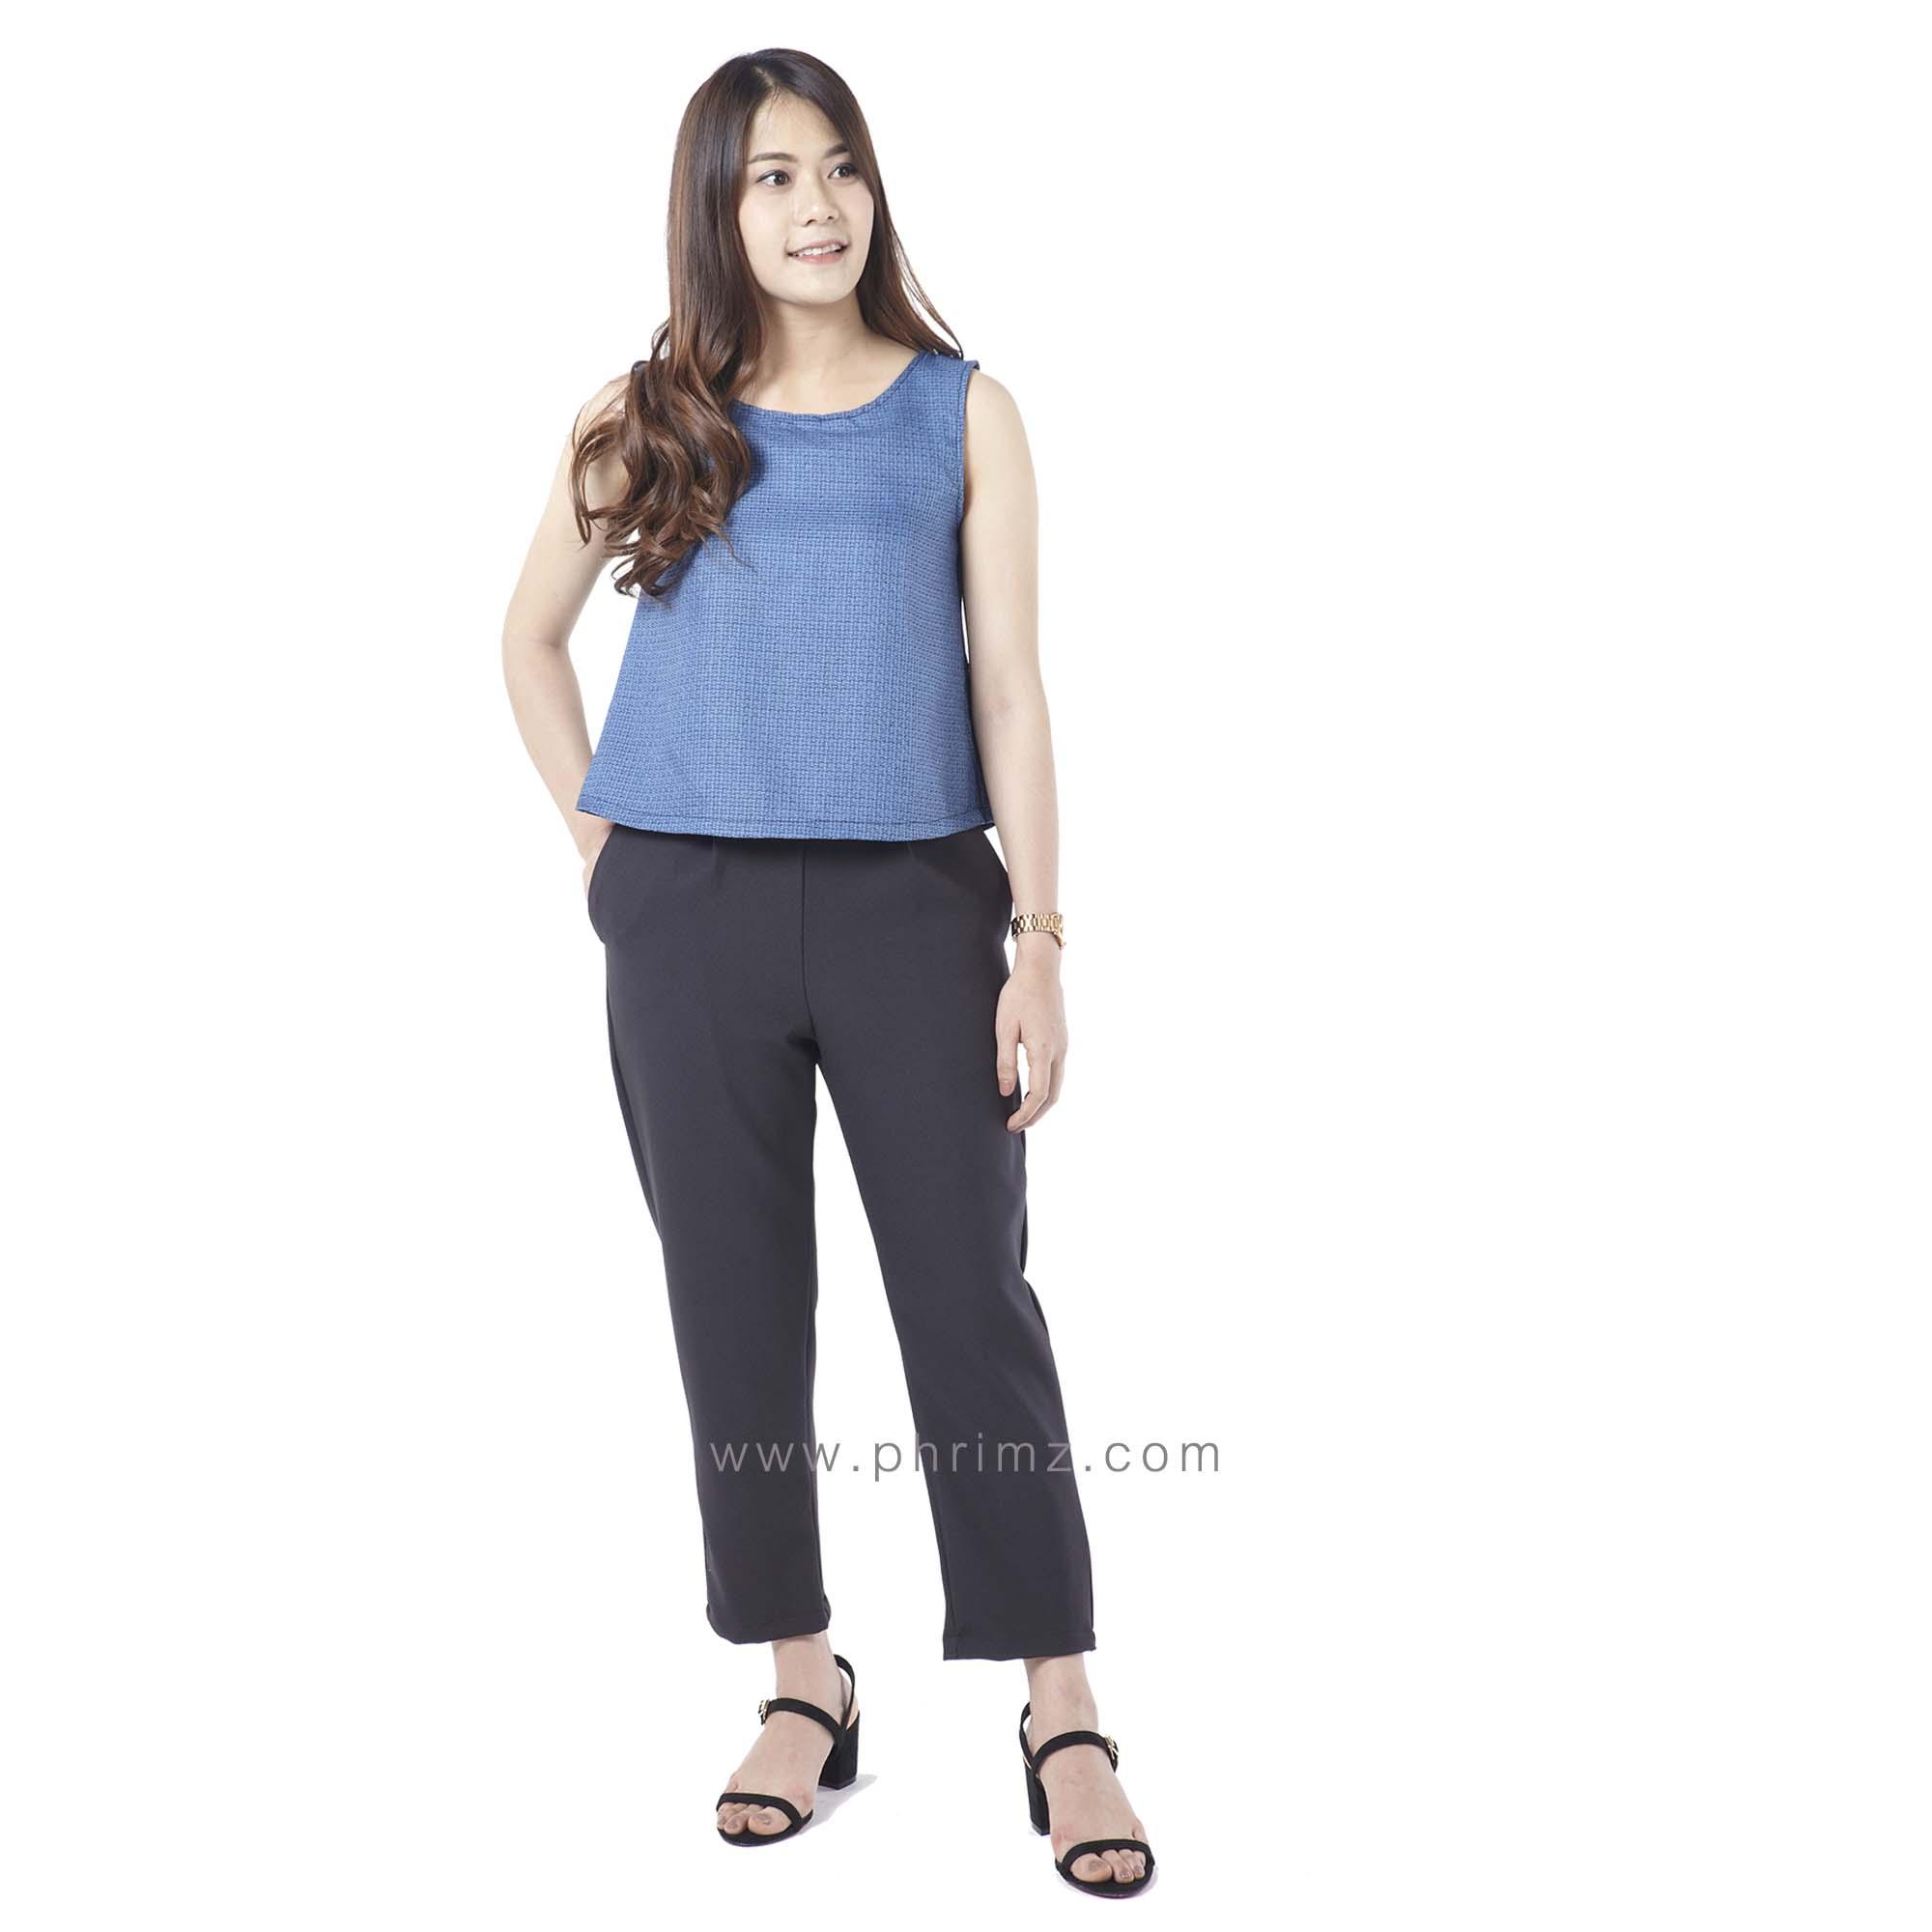 ชุดให้นม Phrimz : Honae Breastfeeding Jumpsuit - Blue Soda